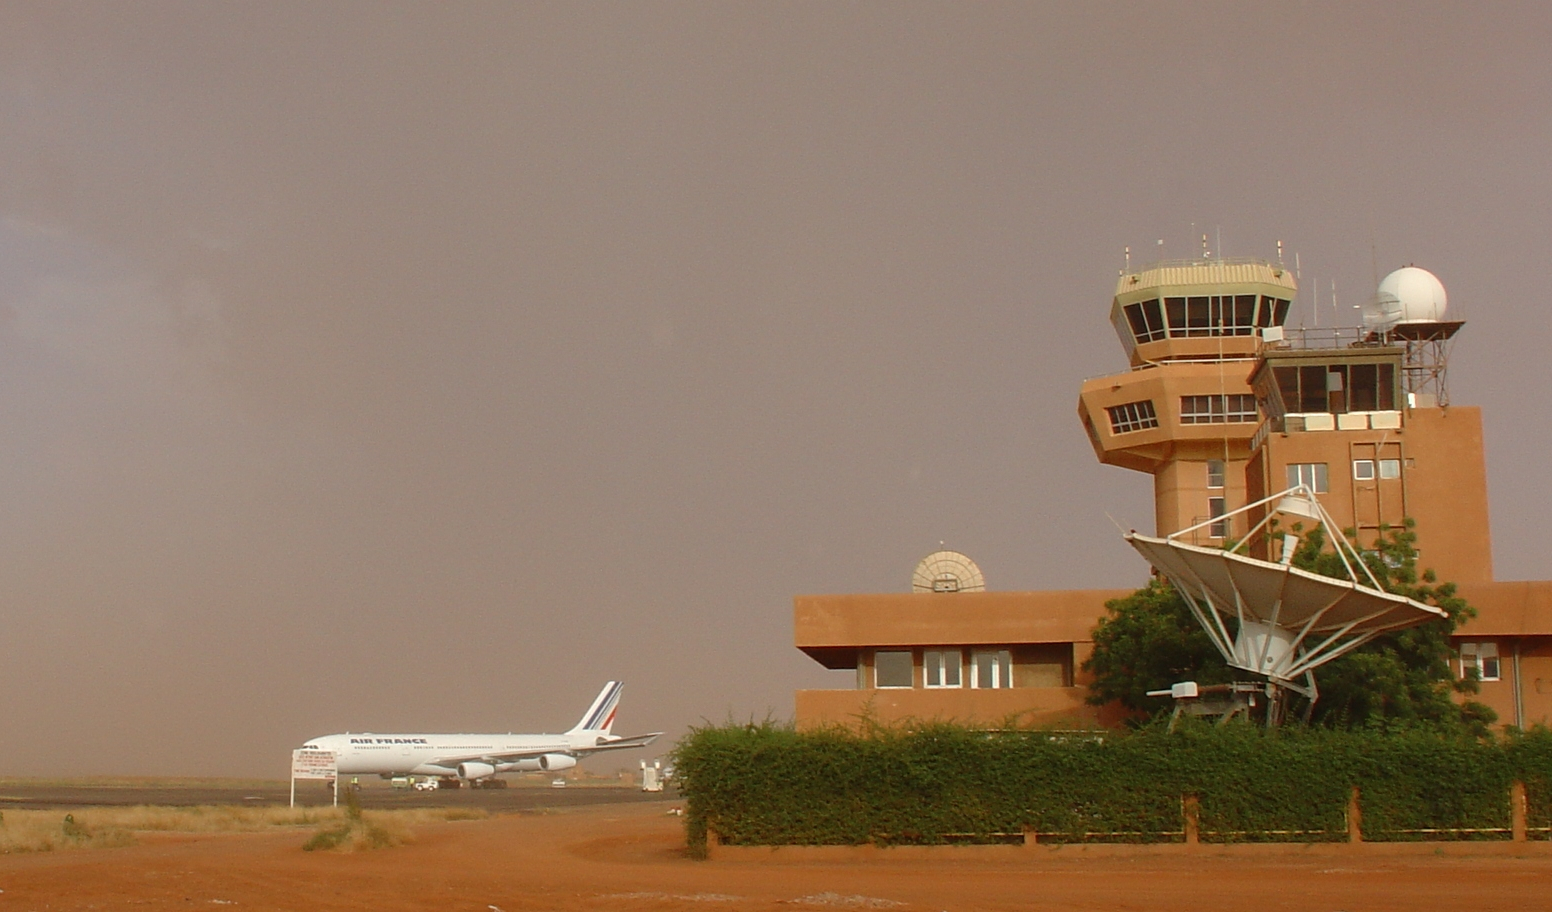 Diori Hamanin kansainvälinen lentoasema